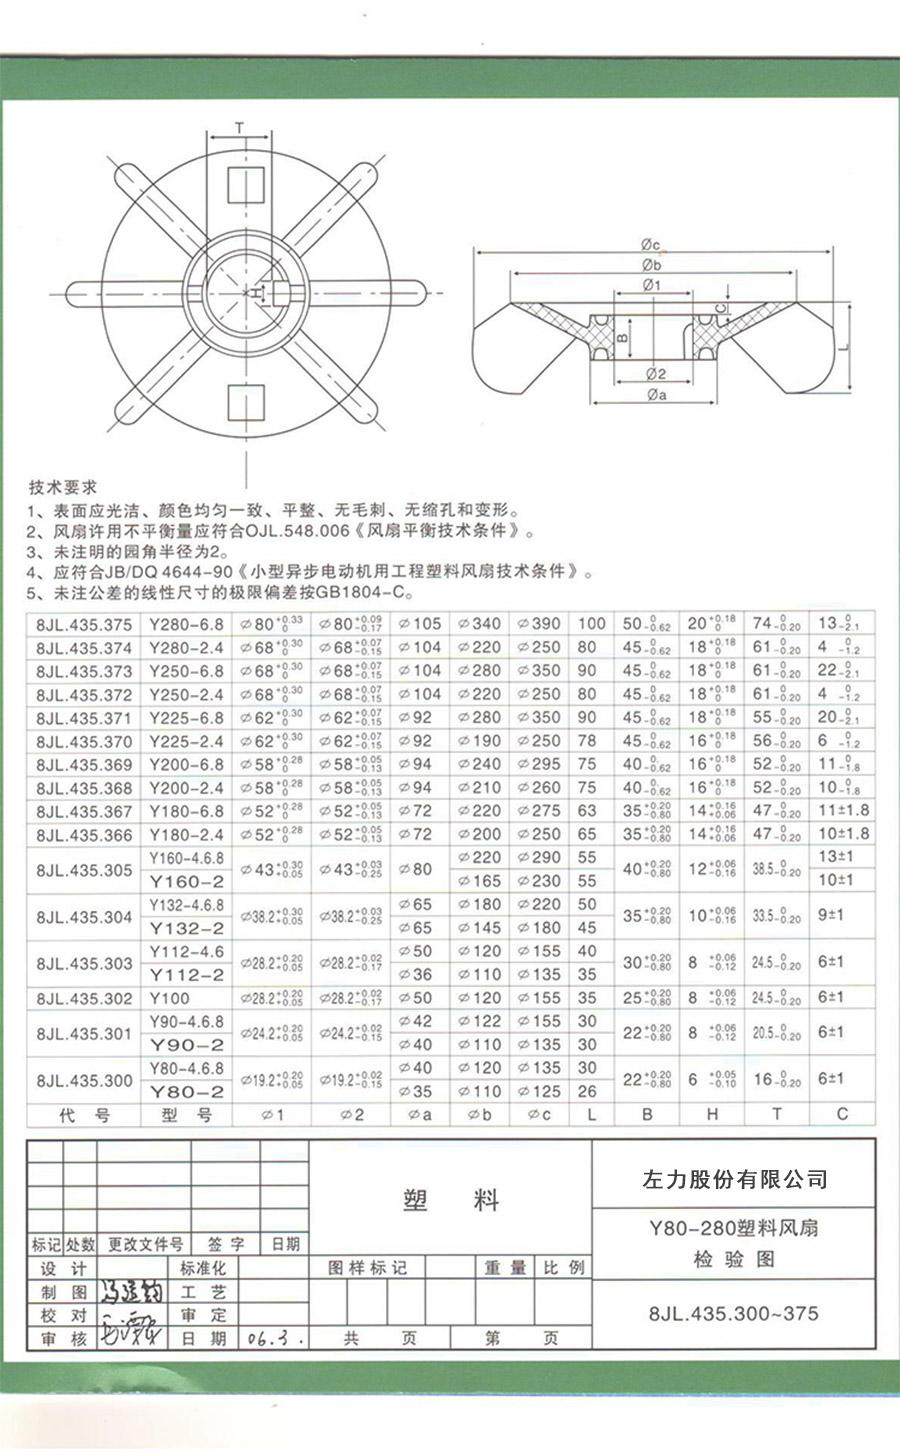 YS63风叶型号电机安装和尺寸与外形尺寸图8